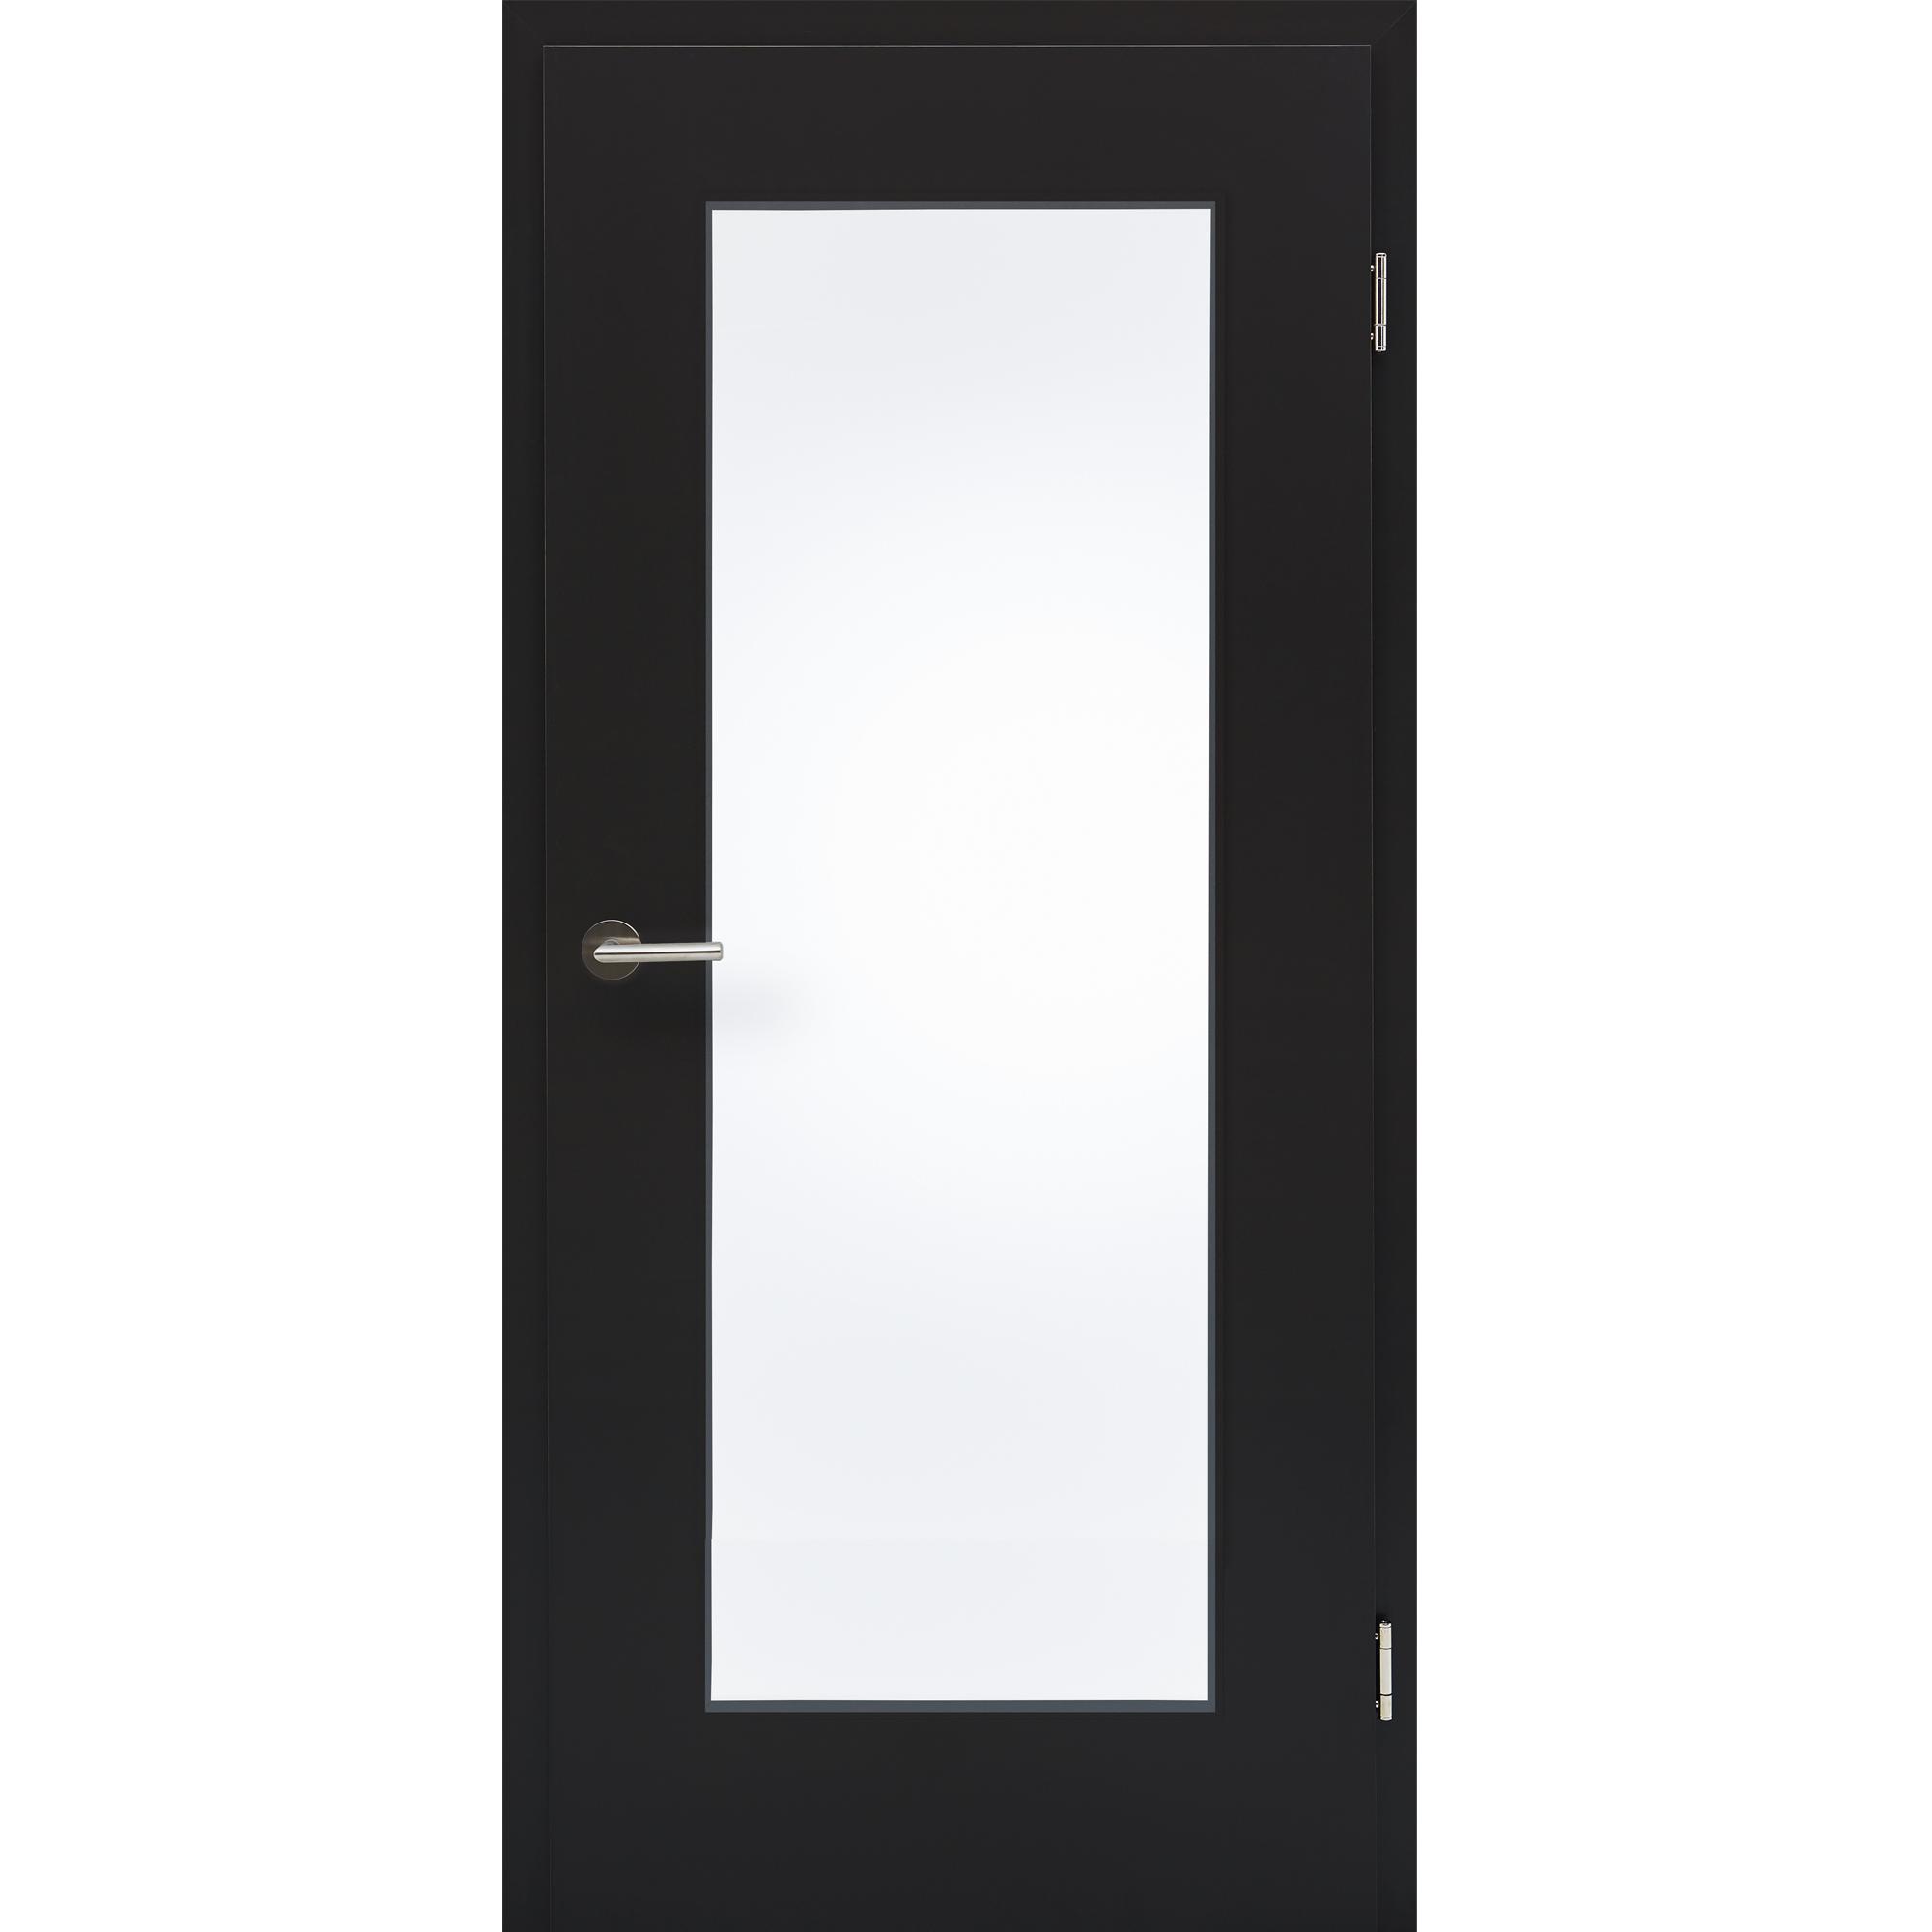 zimmert r mit zarge cpl orca la 16 20 lichtausschnitt. Black Bedroom Furniture Sets. Home Design Ideas